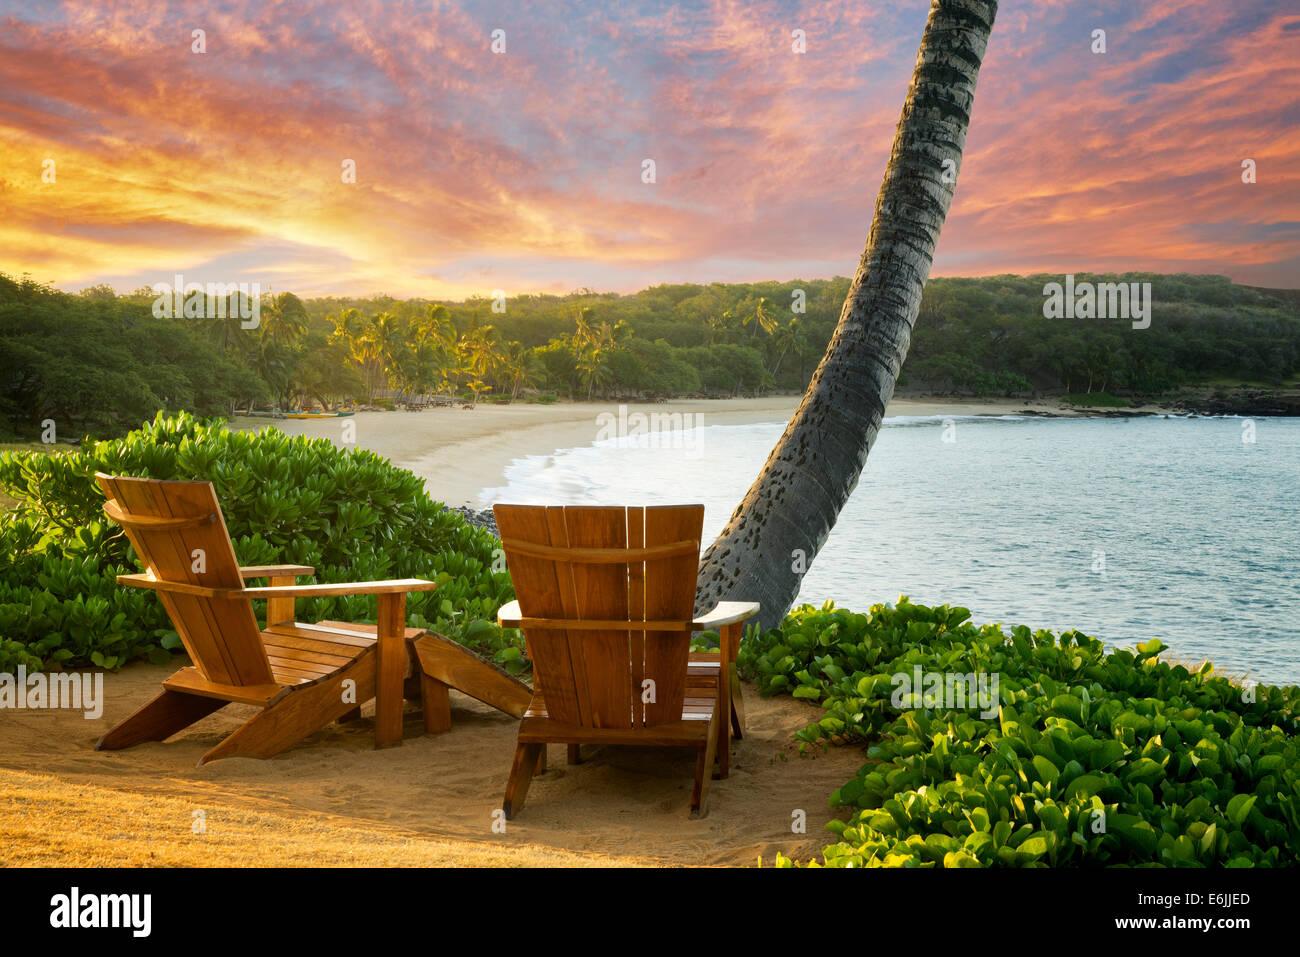 Zwei Anirondac Stühlen mit Blick auf Meer und Strand im Four Seasons. Lanai, Hawaii. Stockbild